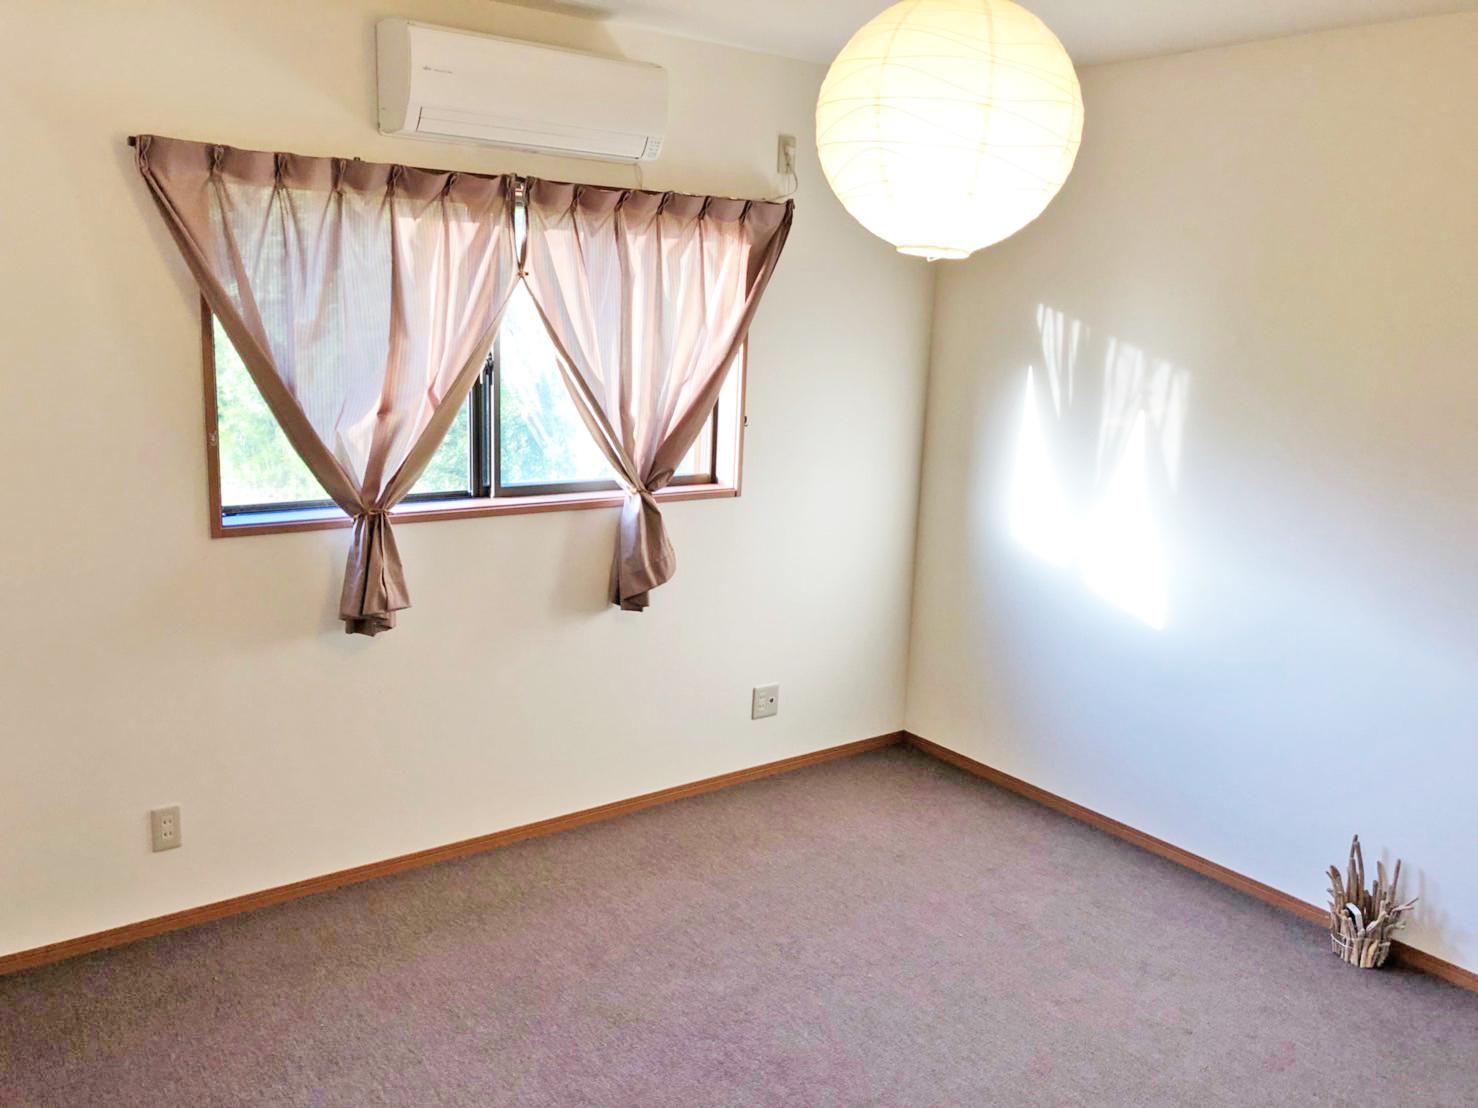 2階 寝室 プライベートルームとしてお使いいただけます